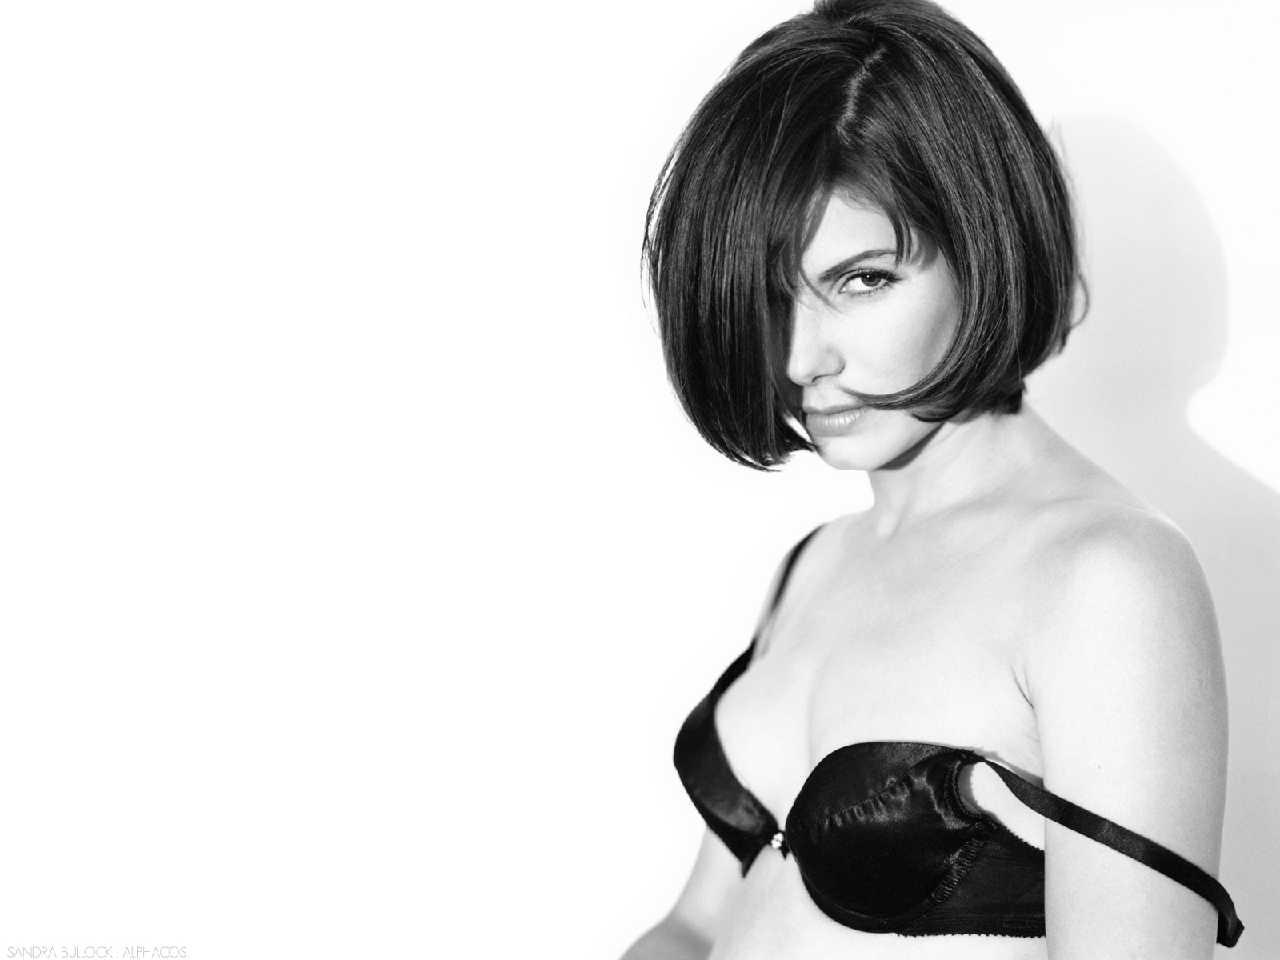 http://1.bp.blogspot.com/-wr6sUvPKOGg/T1wjAFueJRI/AAAAAAABDt8/kiQKTdsBHhk/s1600/Sandra+Bullock+Bikini+Butt+&+Ass+Pics+Collection+22.jpg